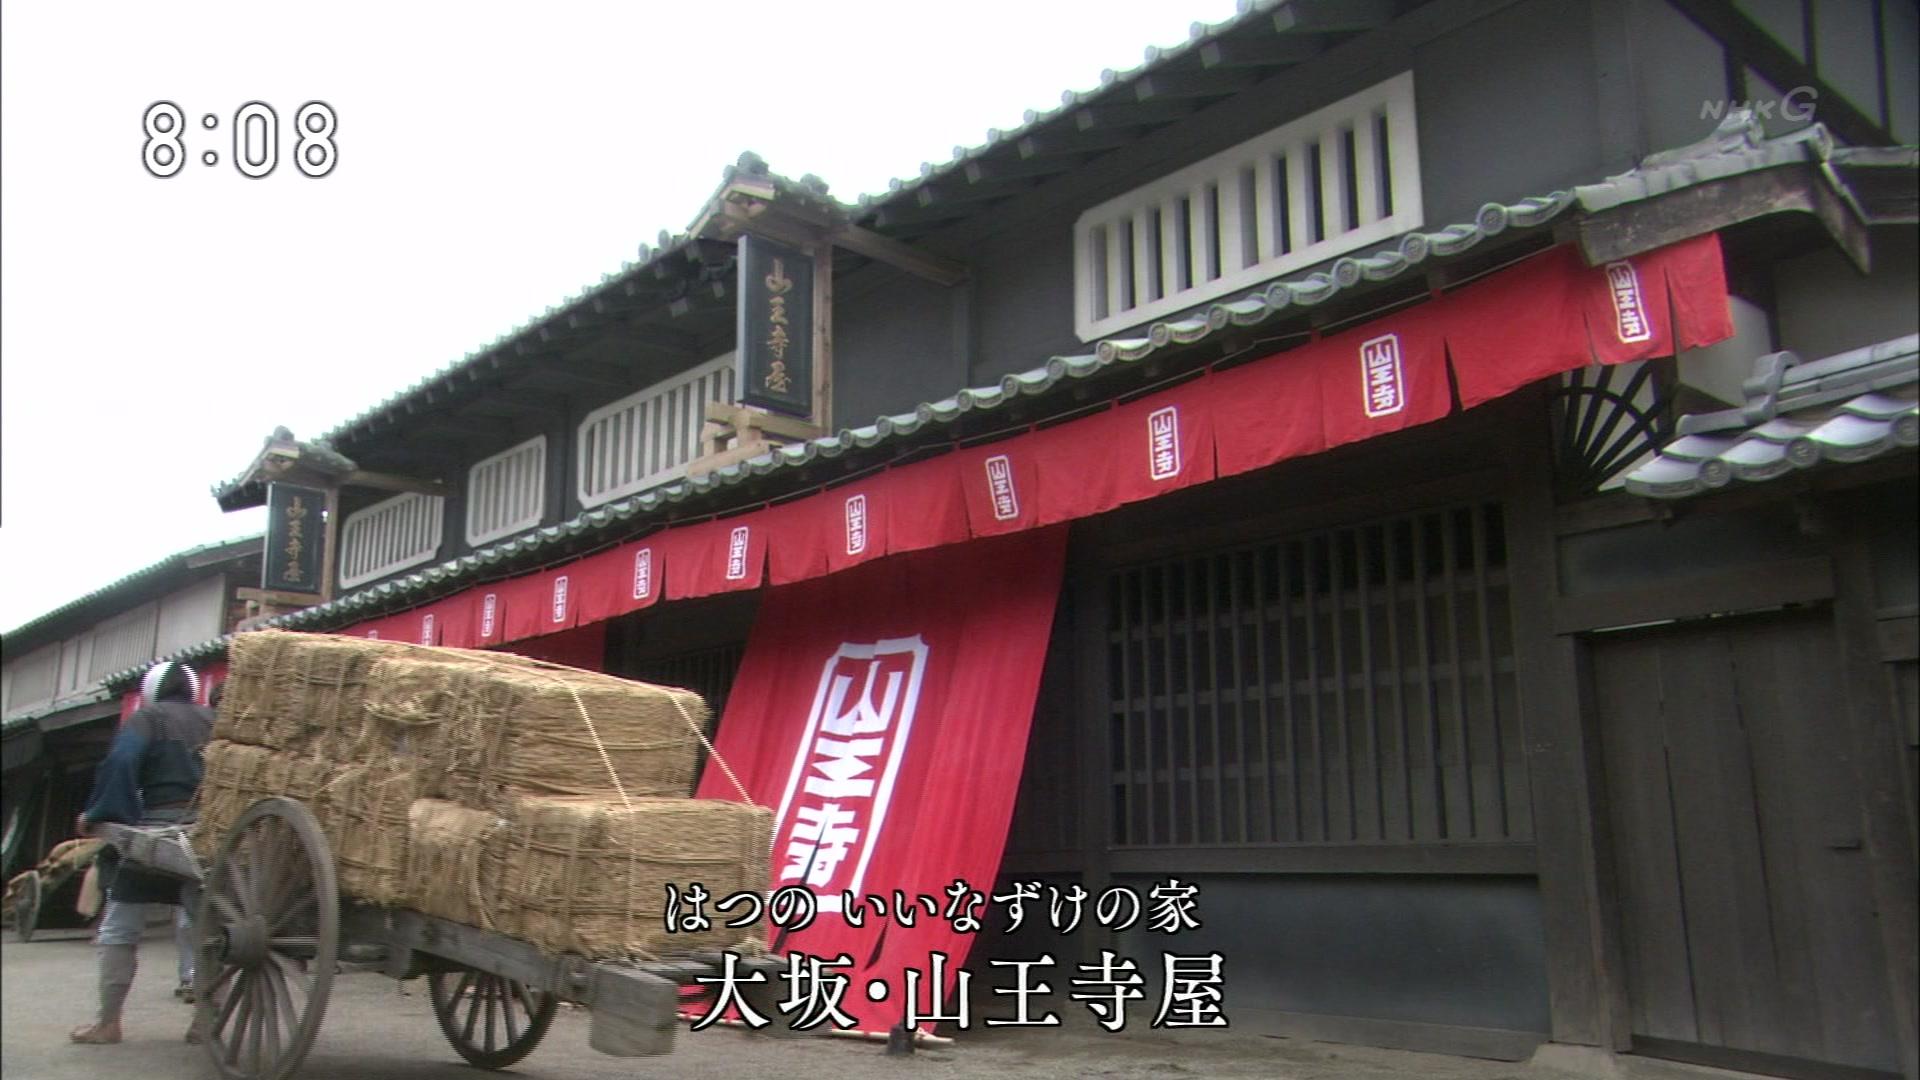 2015-09-28 08:00 連続テレビ小説 あさが来た(1)「小さな許嫁(いいなずけ)」 14833